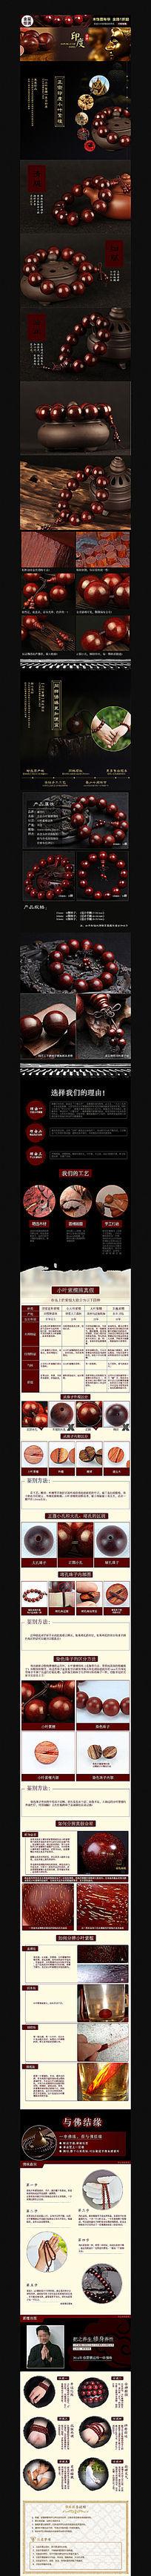 淘宝男士装饰品详情页